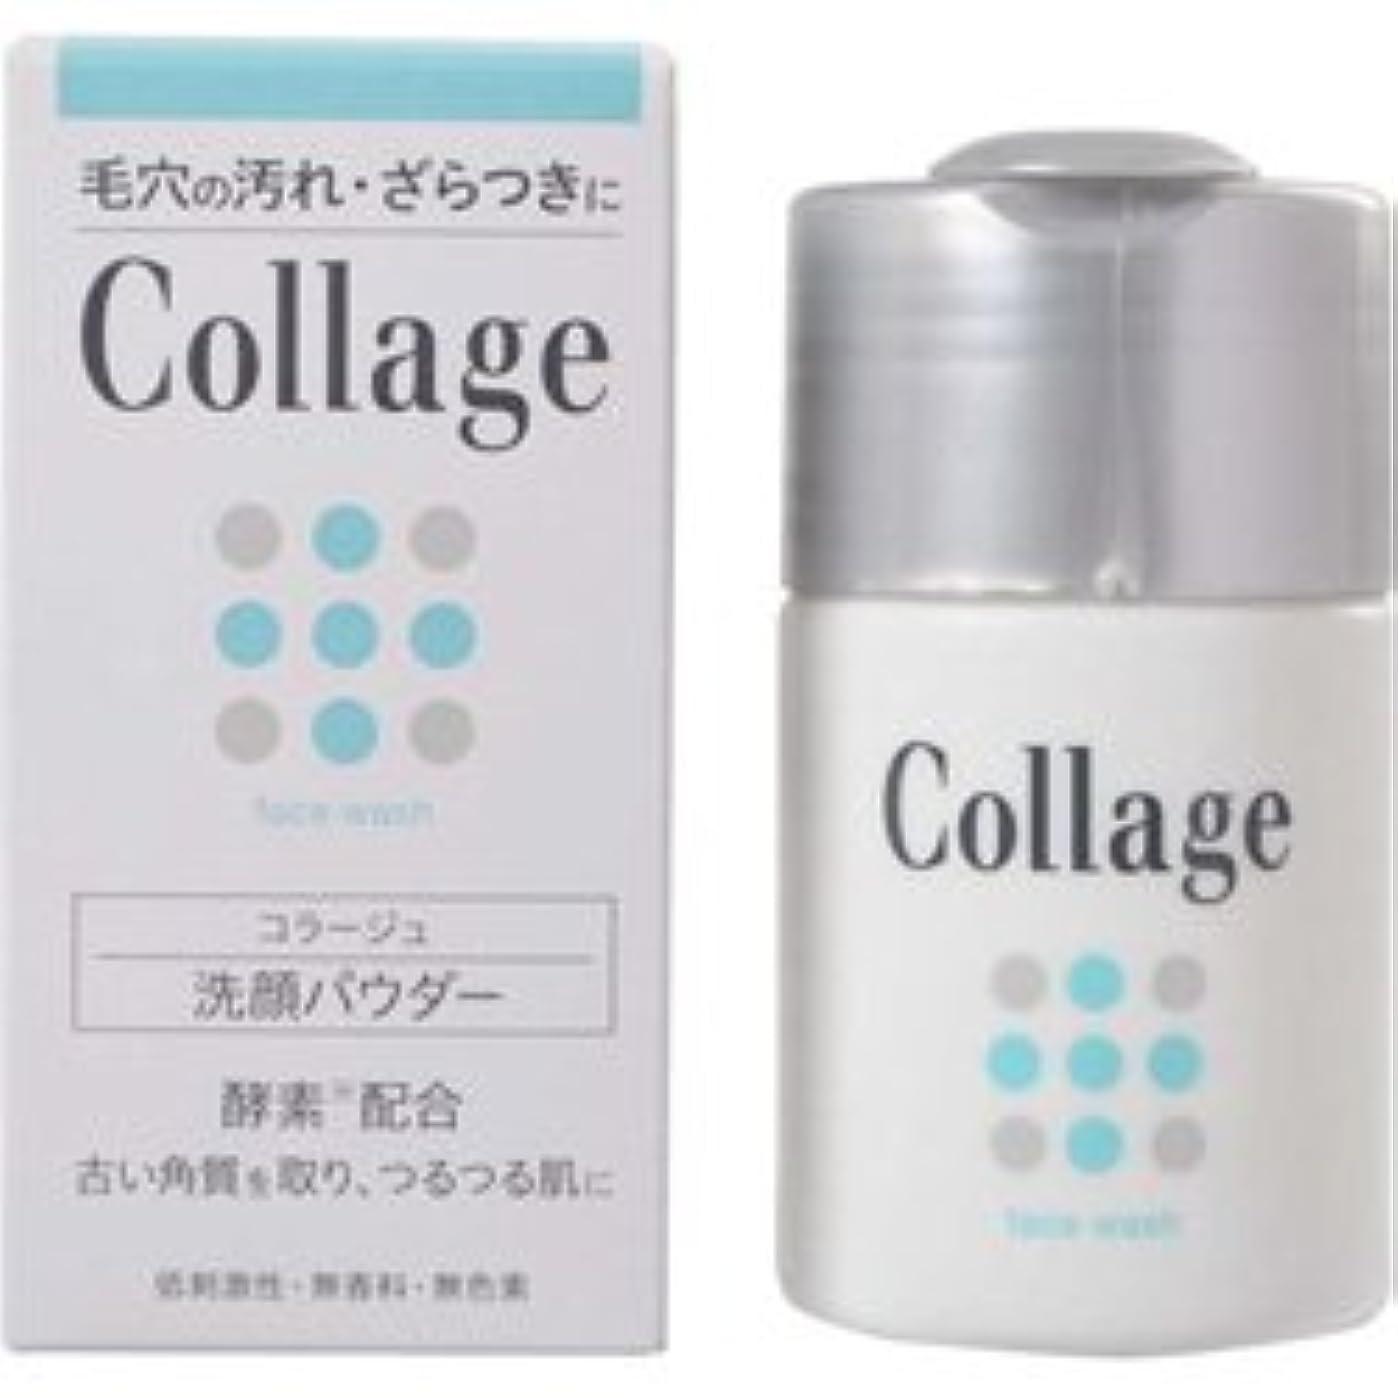 コードマリナー尊敬する【持田ヘルスケア】 コラージュ洗顔パウダー 40g ×5個セット